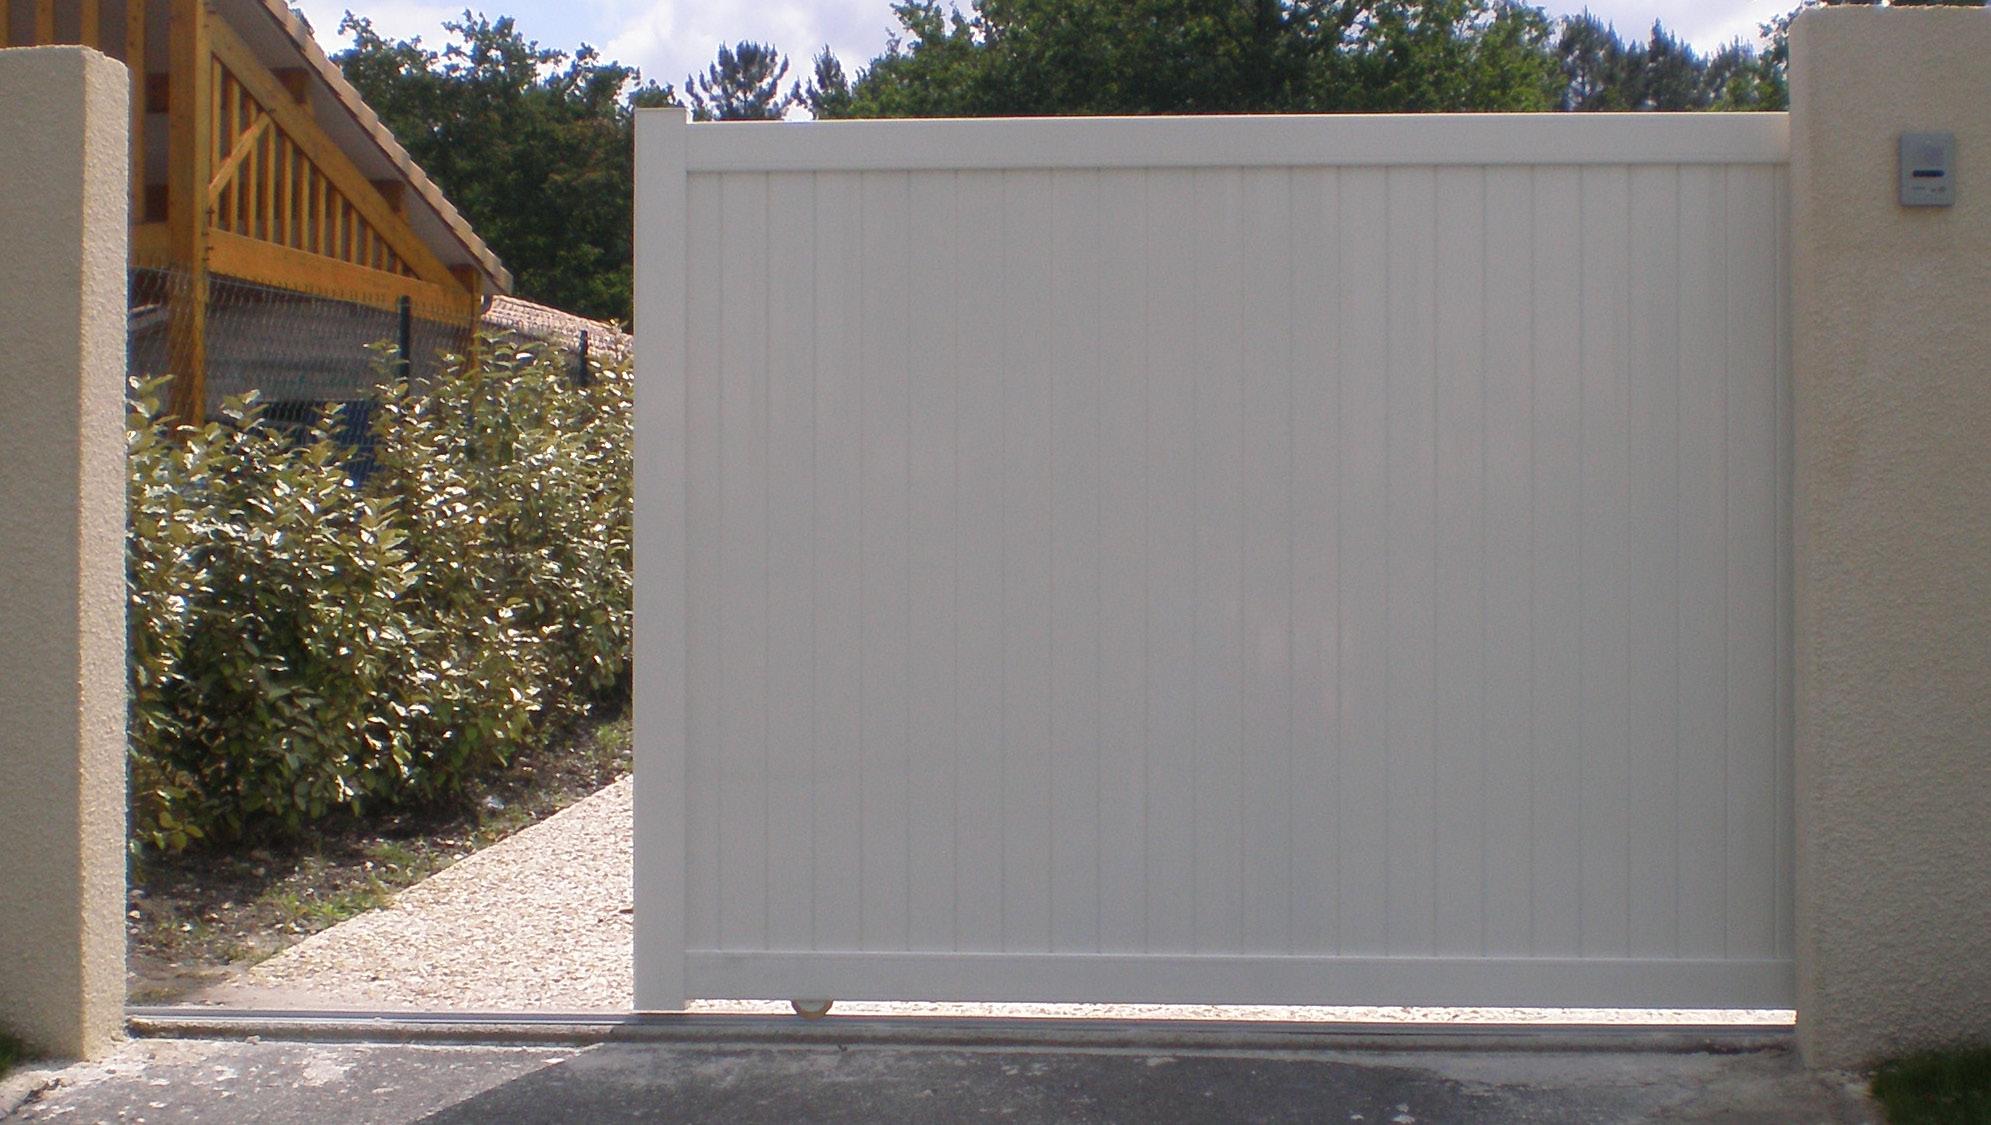 Coffret Compteur Eau Castorama bien choisir son portail et sa clôture en fonction des